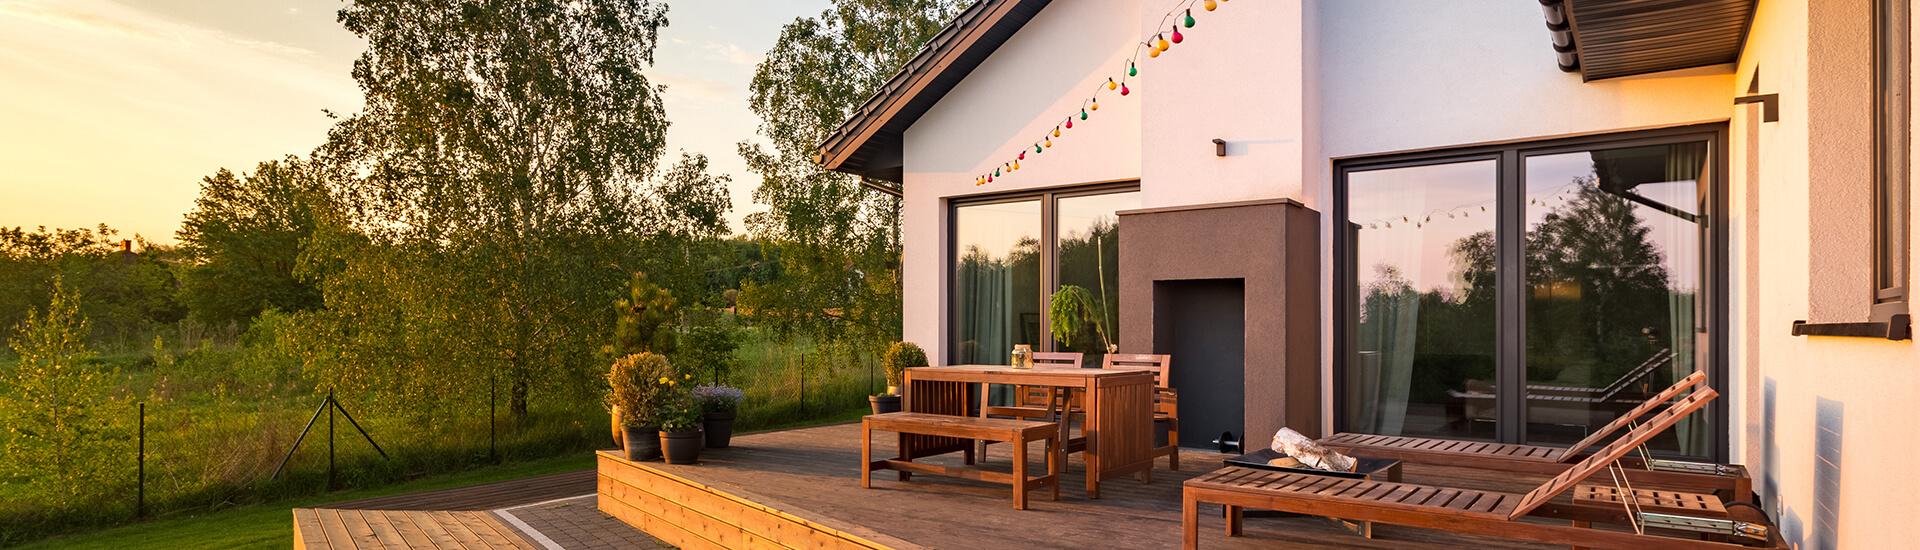 Come garantire la sicurezza antincendio e per il gas nella tua casa vacanze o b&b